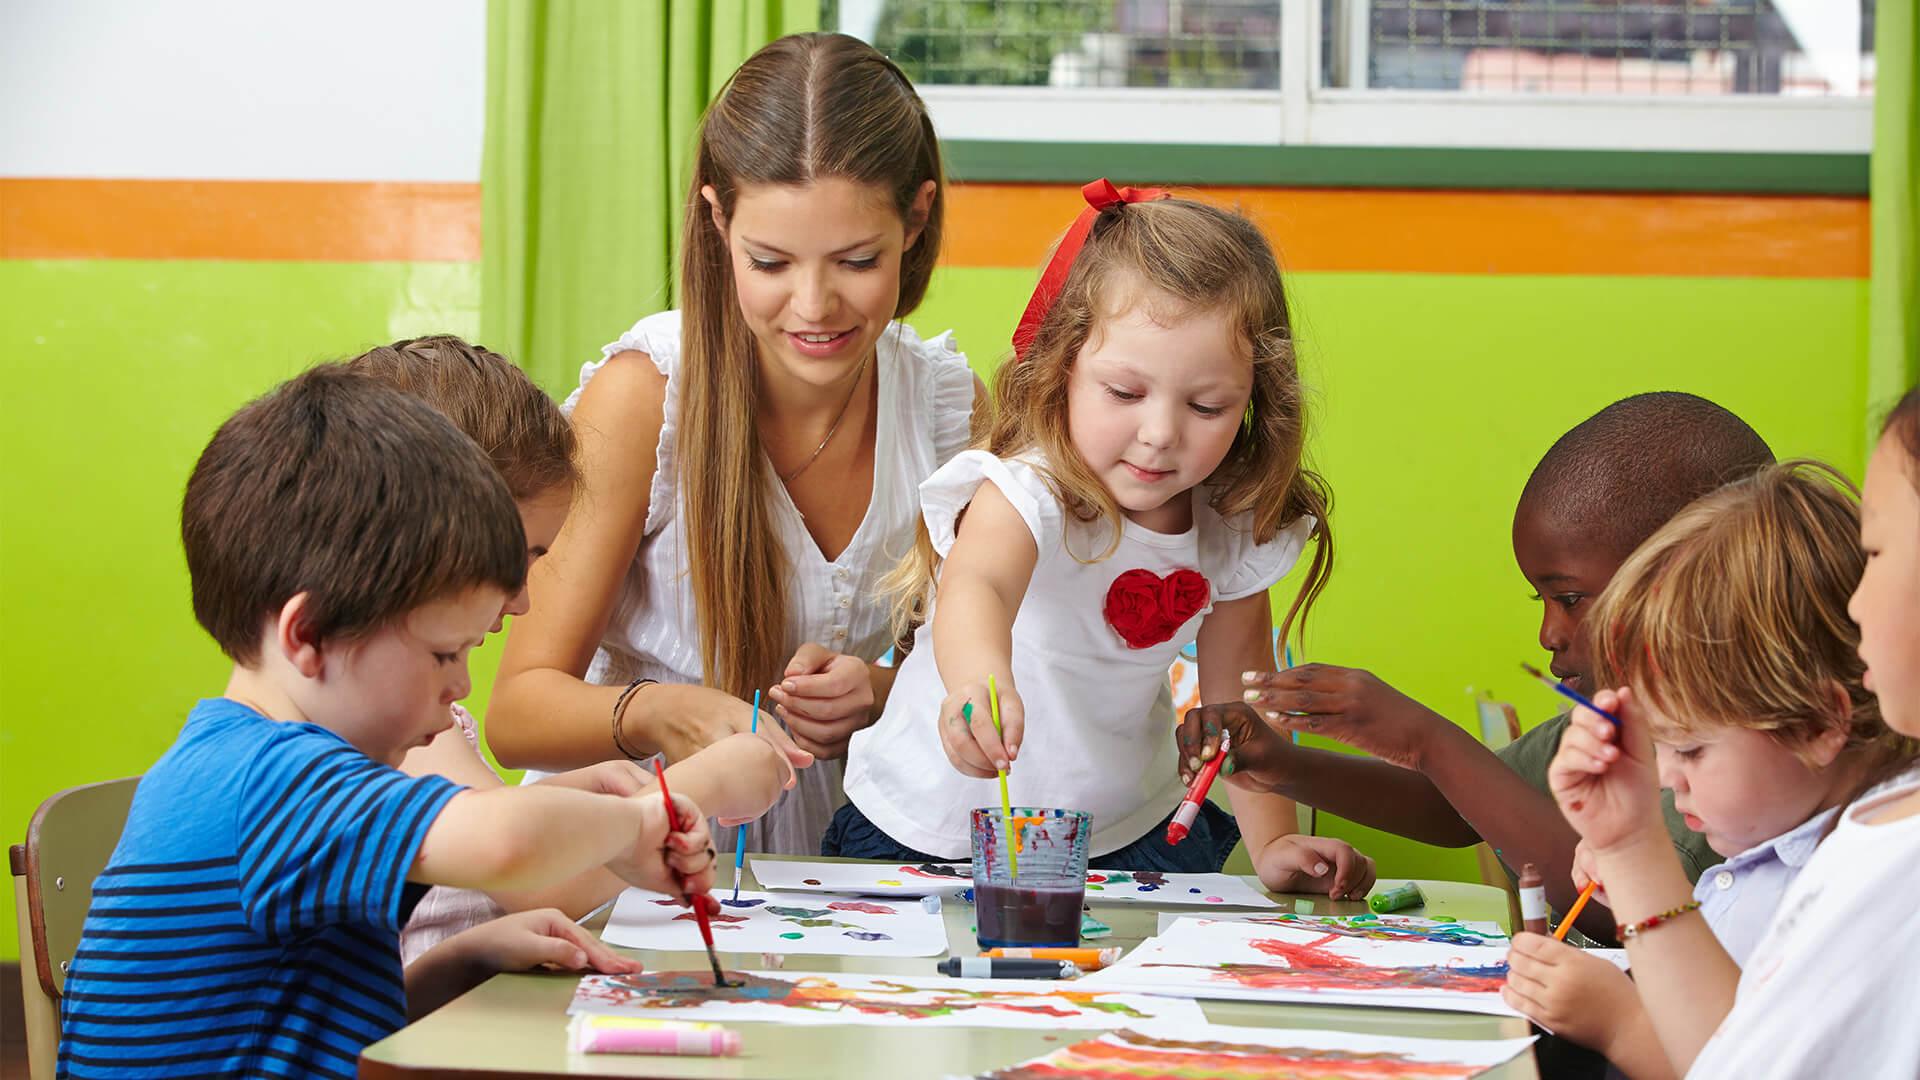 AWO Heinsberg Angebot Kinder, Jugend und Familie